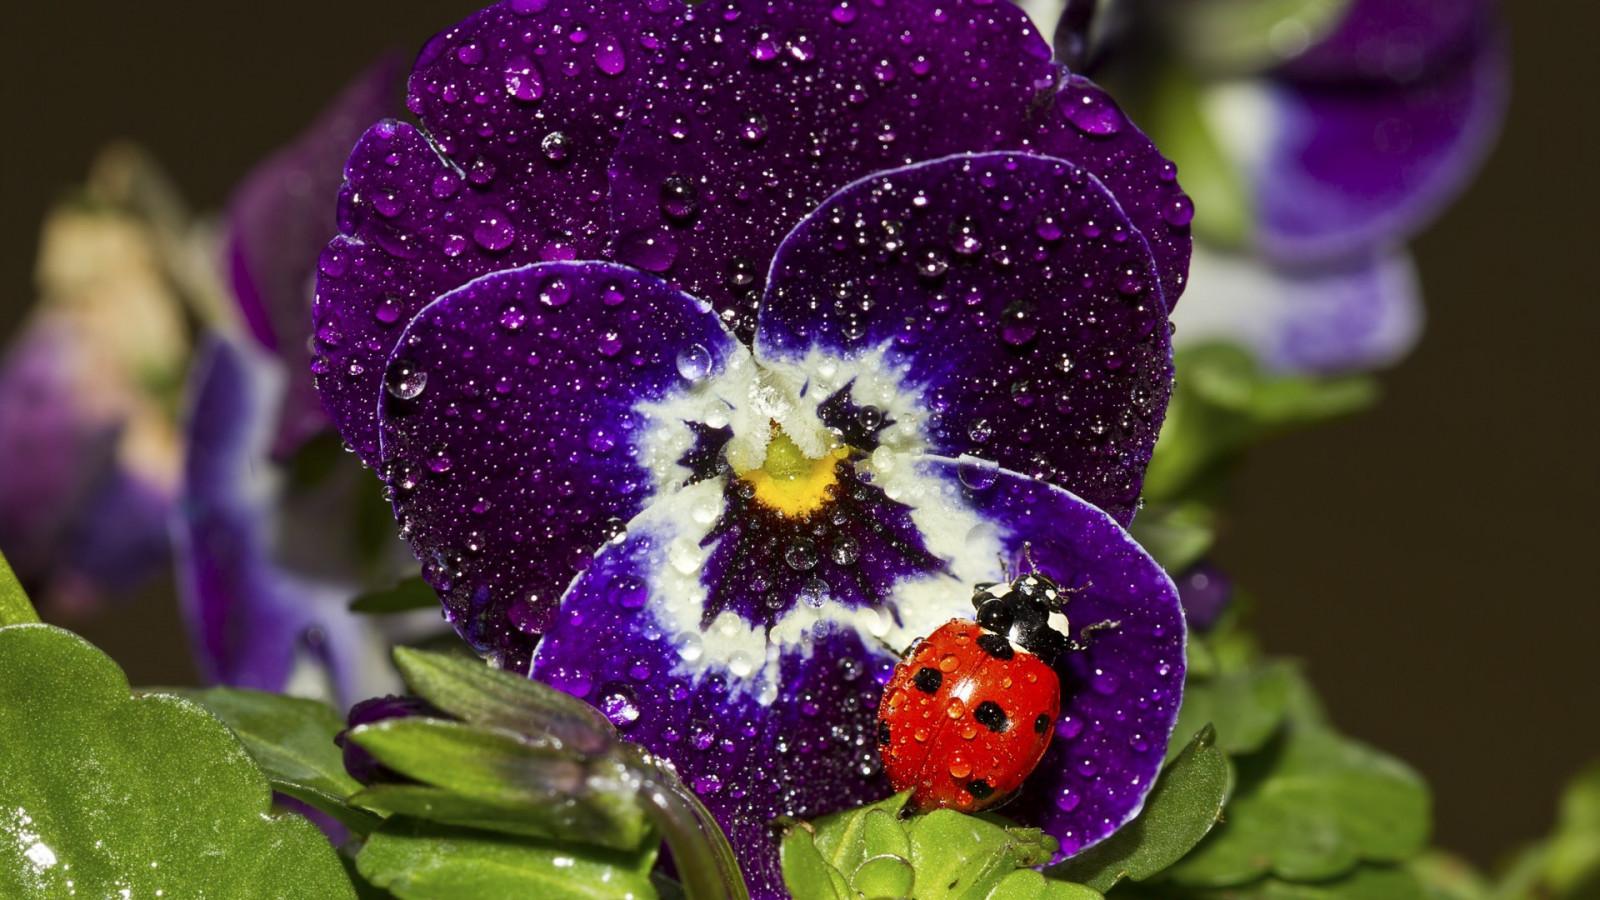 члены красивые картинки с цветы увидете видео